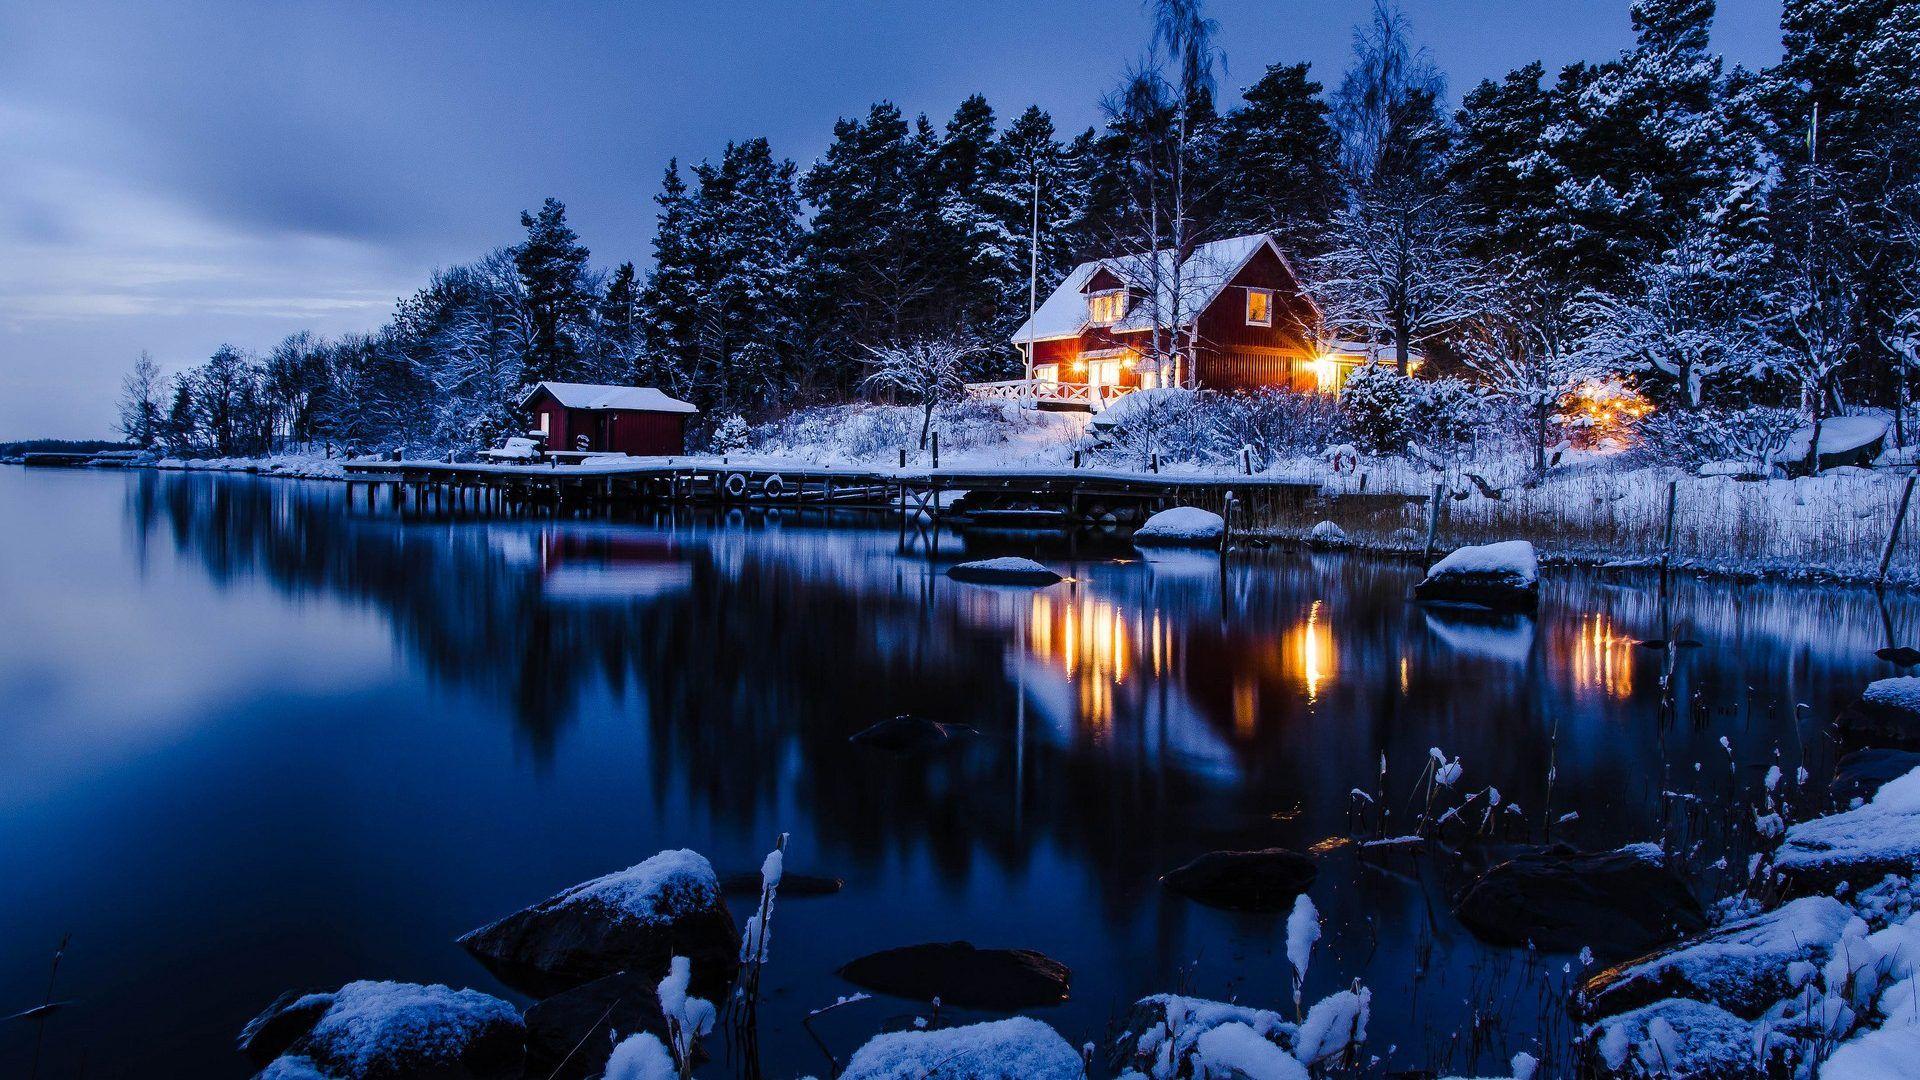 Winter Lake Winter Scenery Winter Landscape Winter House